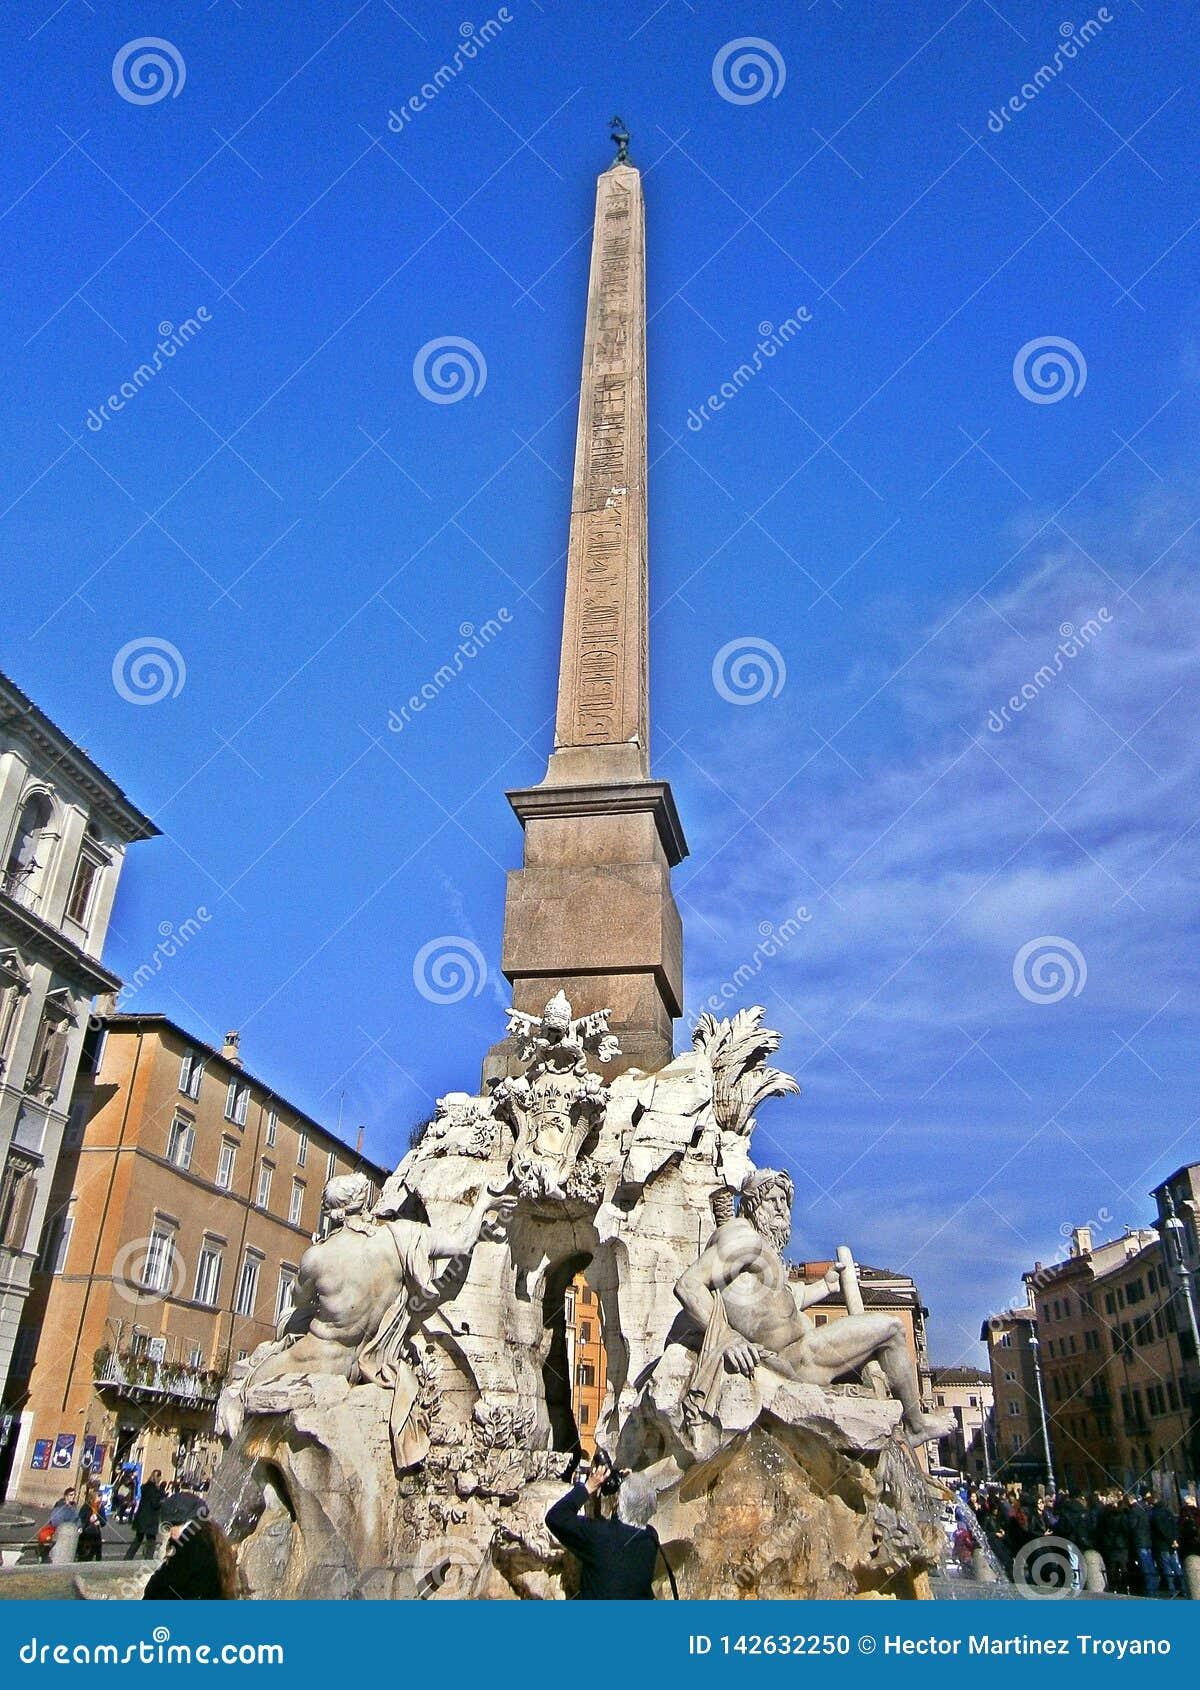 Χρηματοδοτημένη με ένα πολύ κομψό μπαρόκ ύφος, η πλατεία Navona είναι ένα από τα ομορφότερα και δημοφιλή τετράγωνα στη Ρώμη